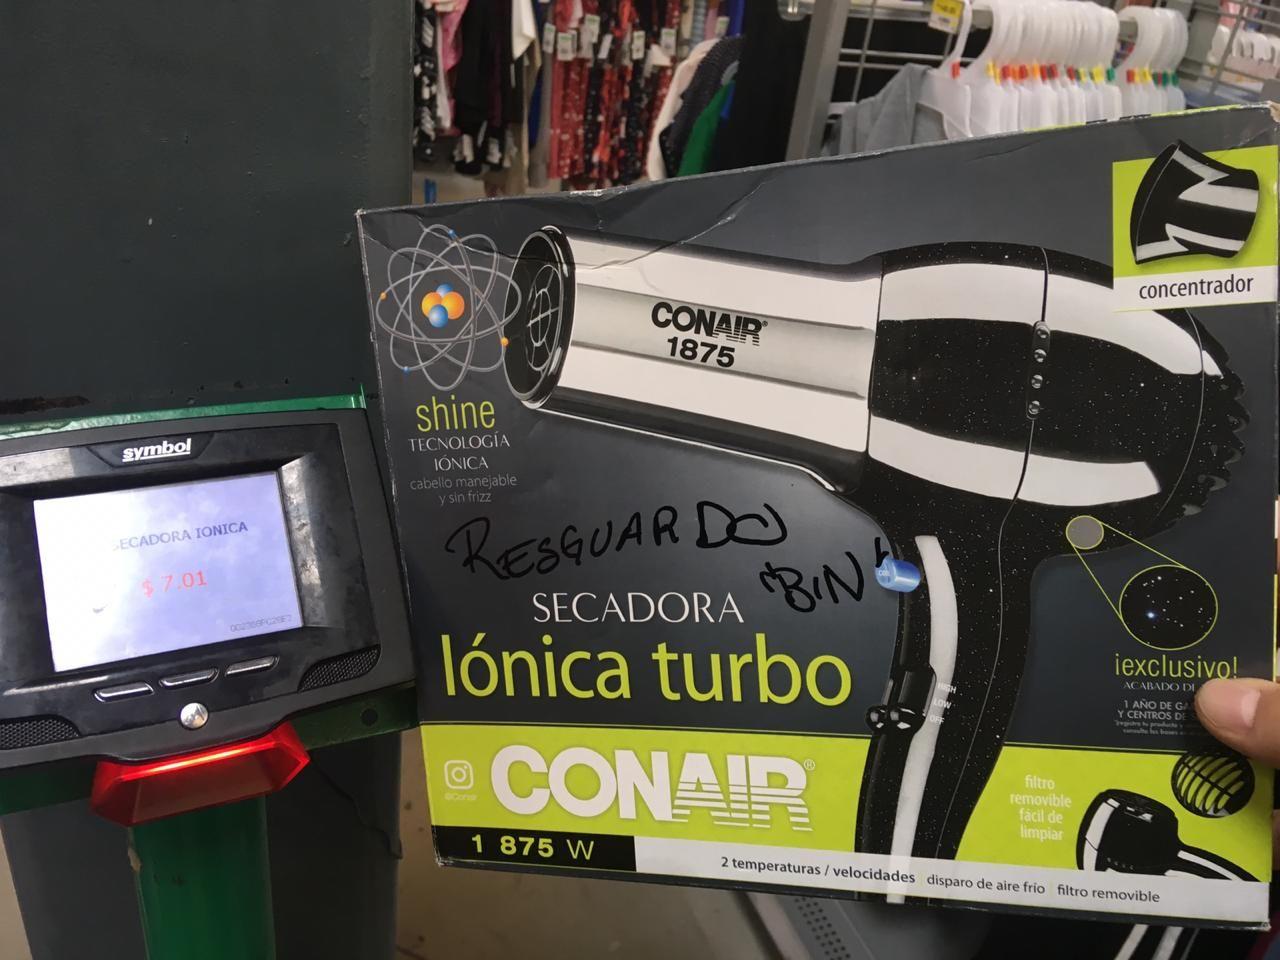 Bodega Aurrera: Secadora lónica turbo